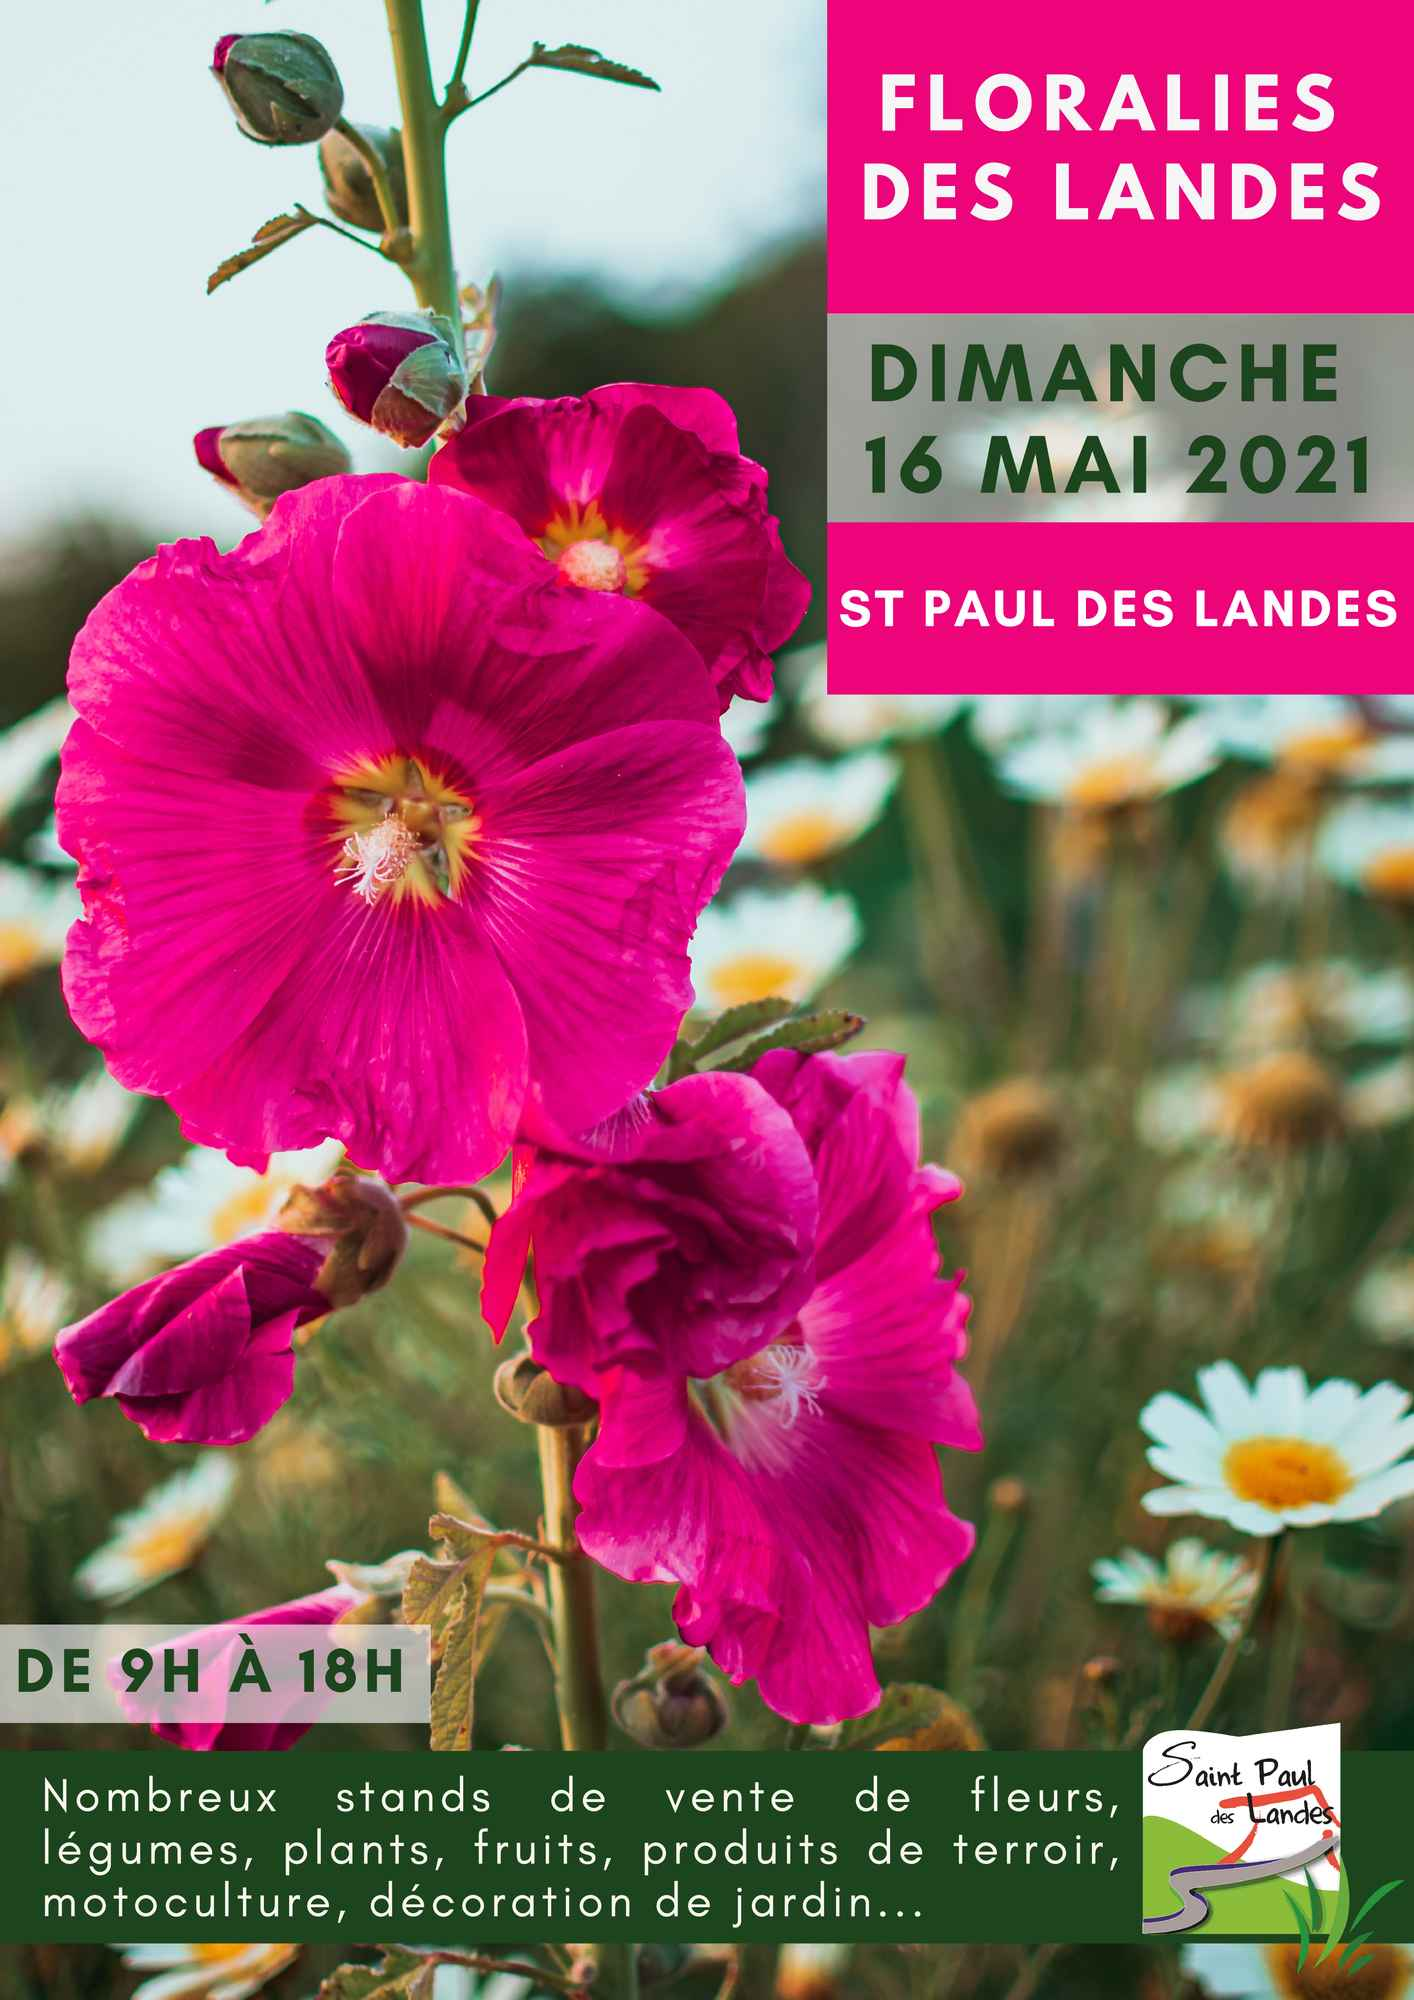 Floralies-des-landes